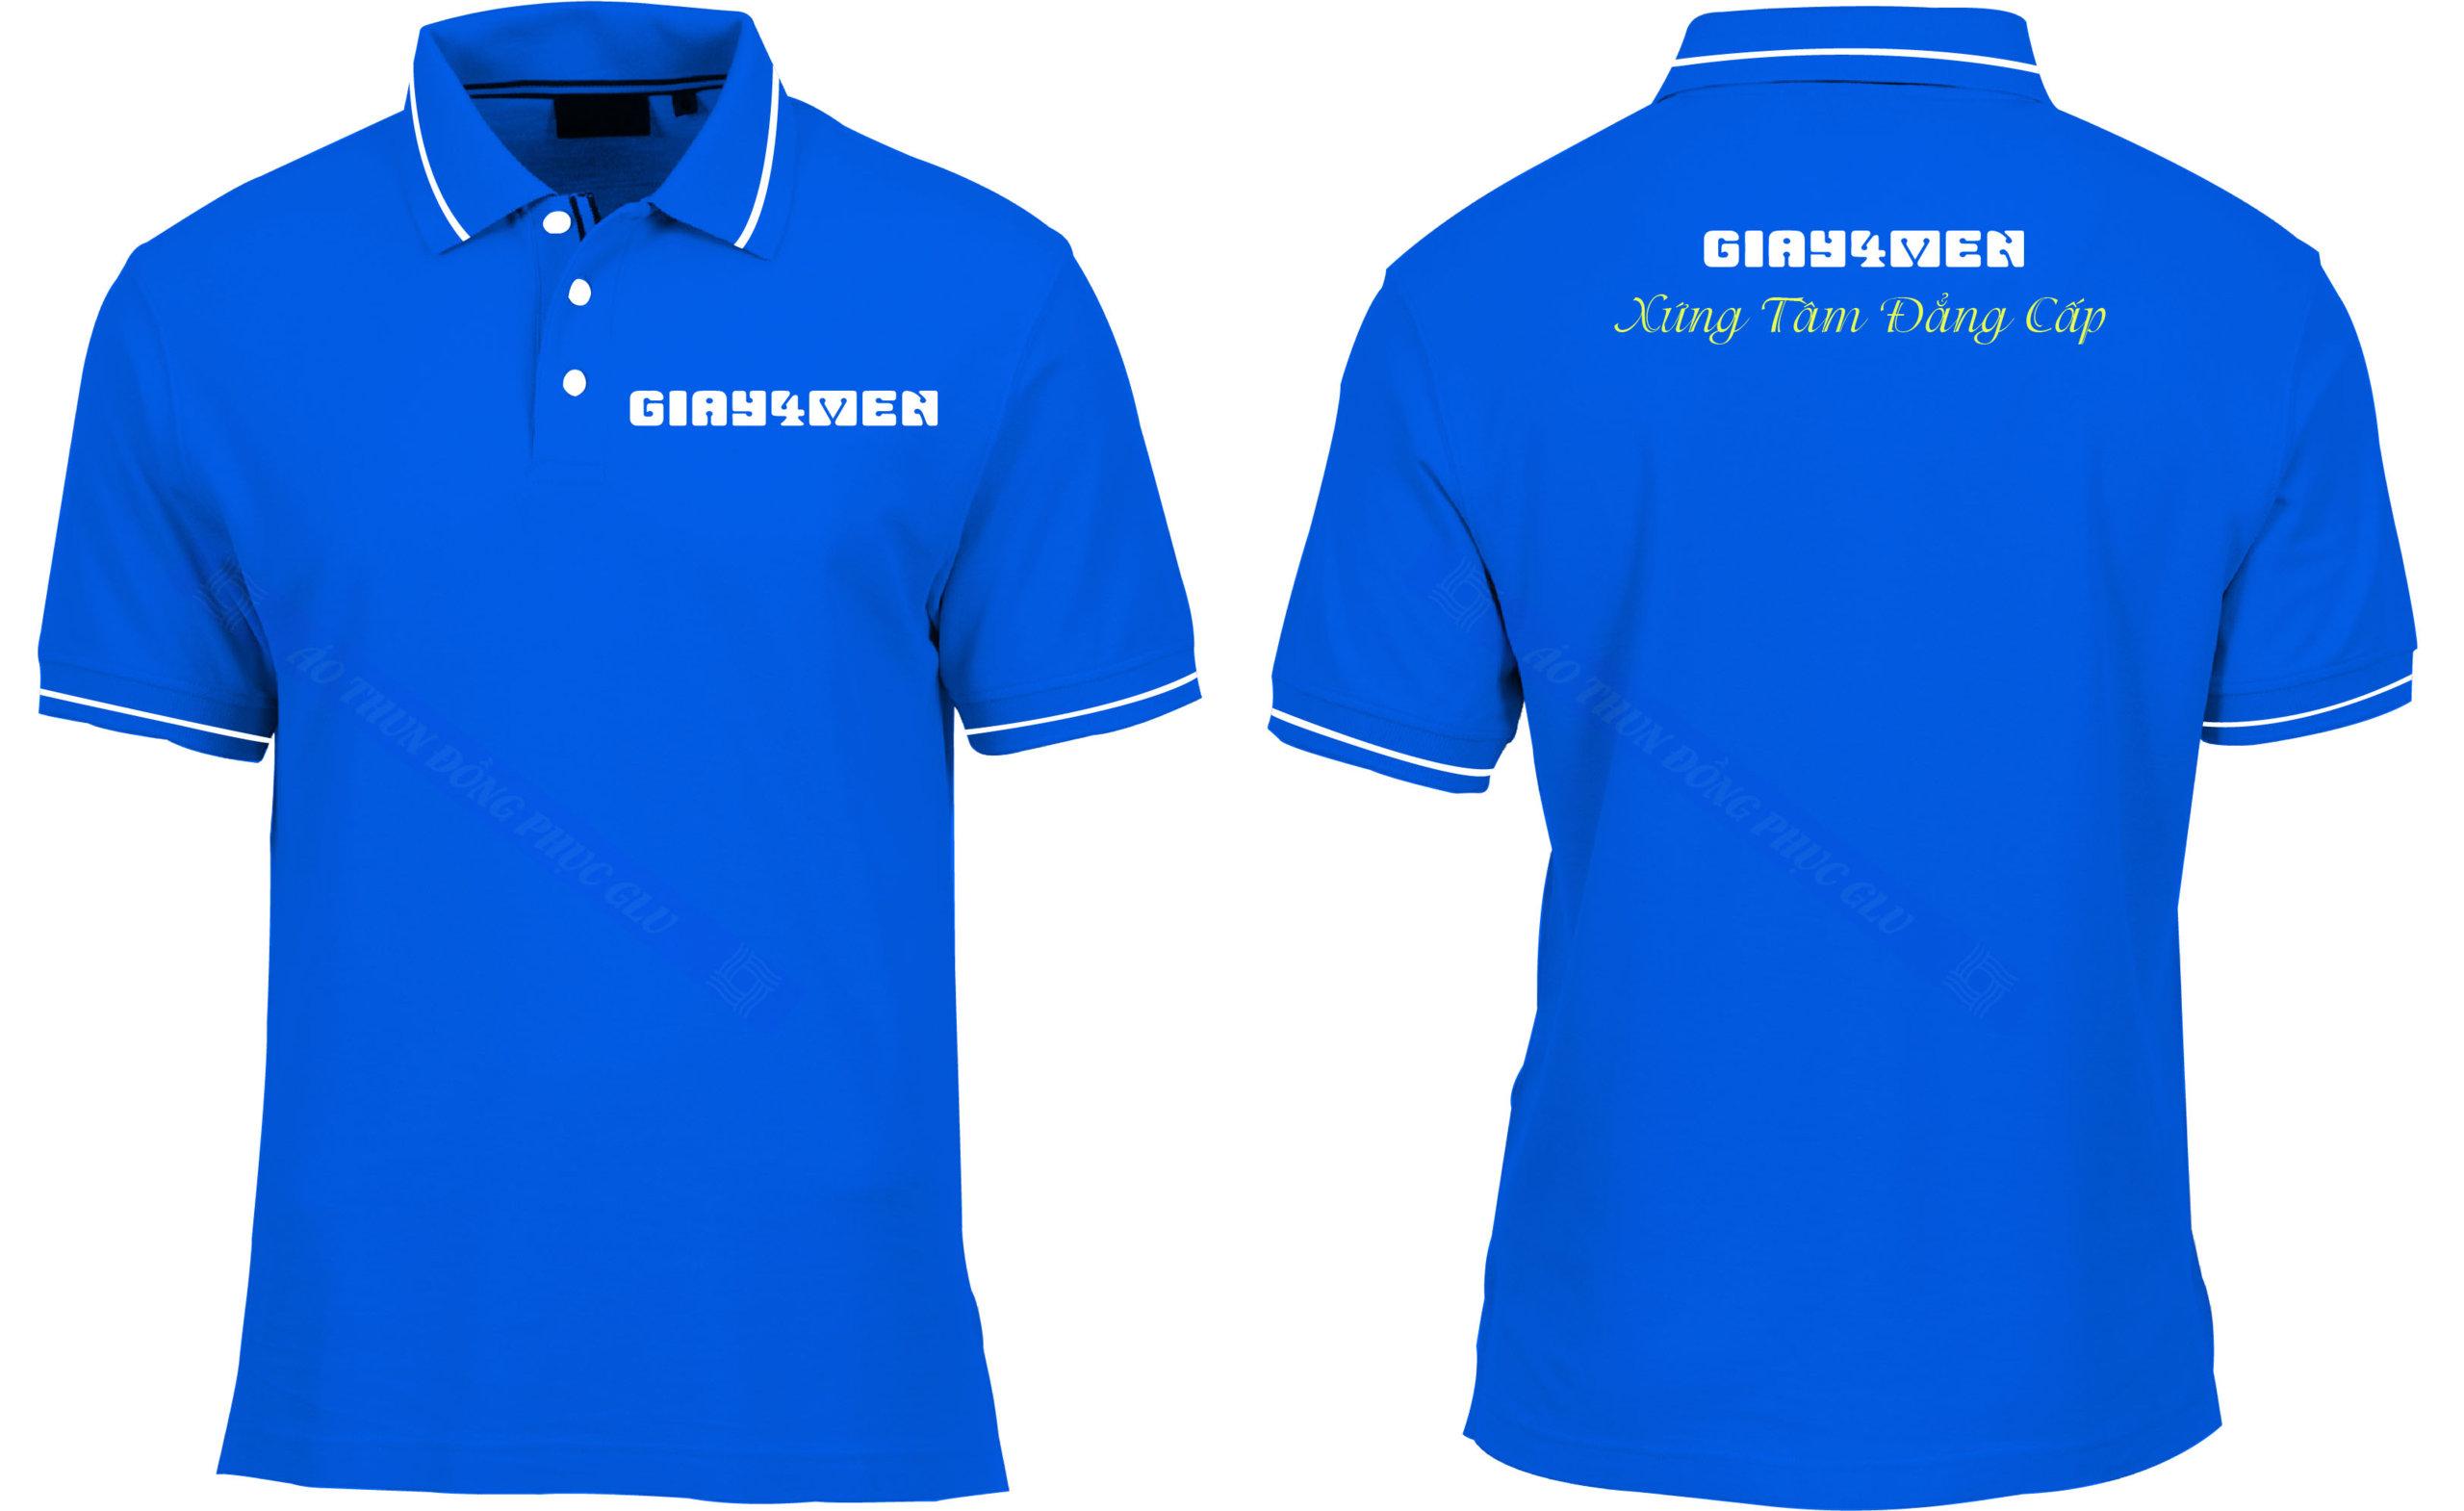 May áo thun đồng phục cao cấp và những lợi ích Ao-thun-giay-4-men-jpg